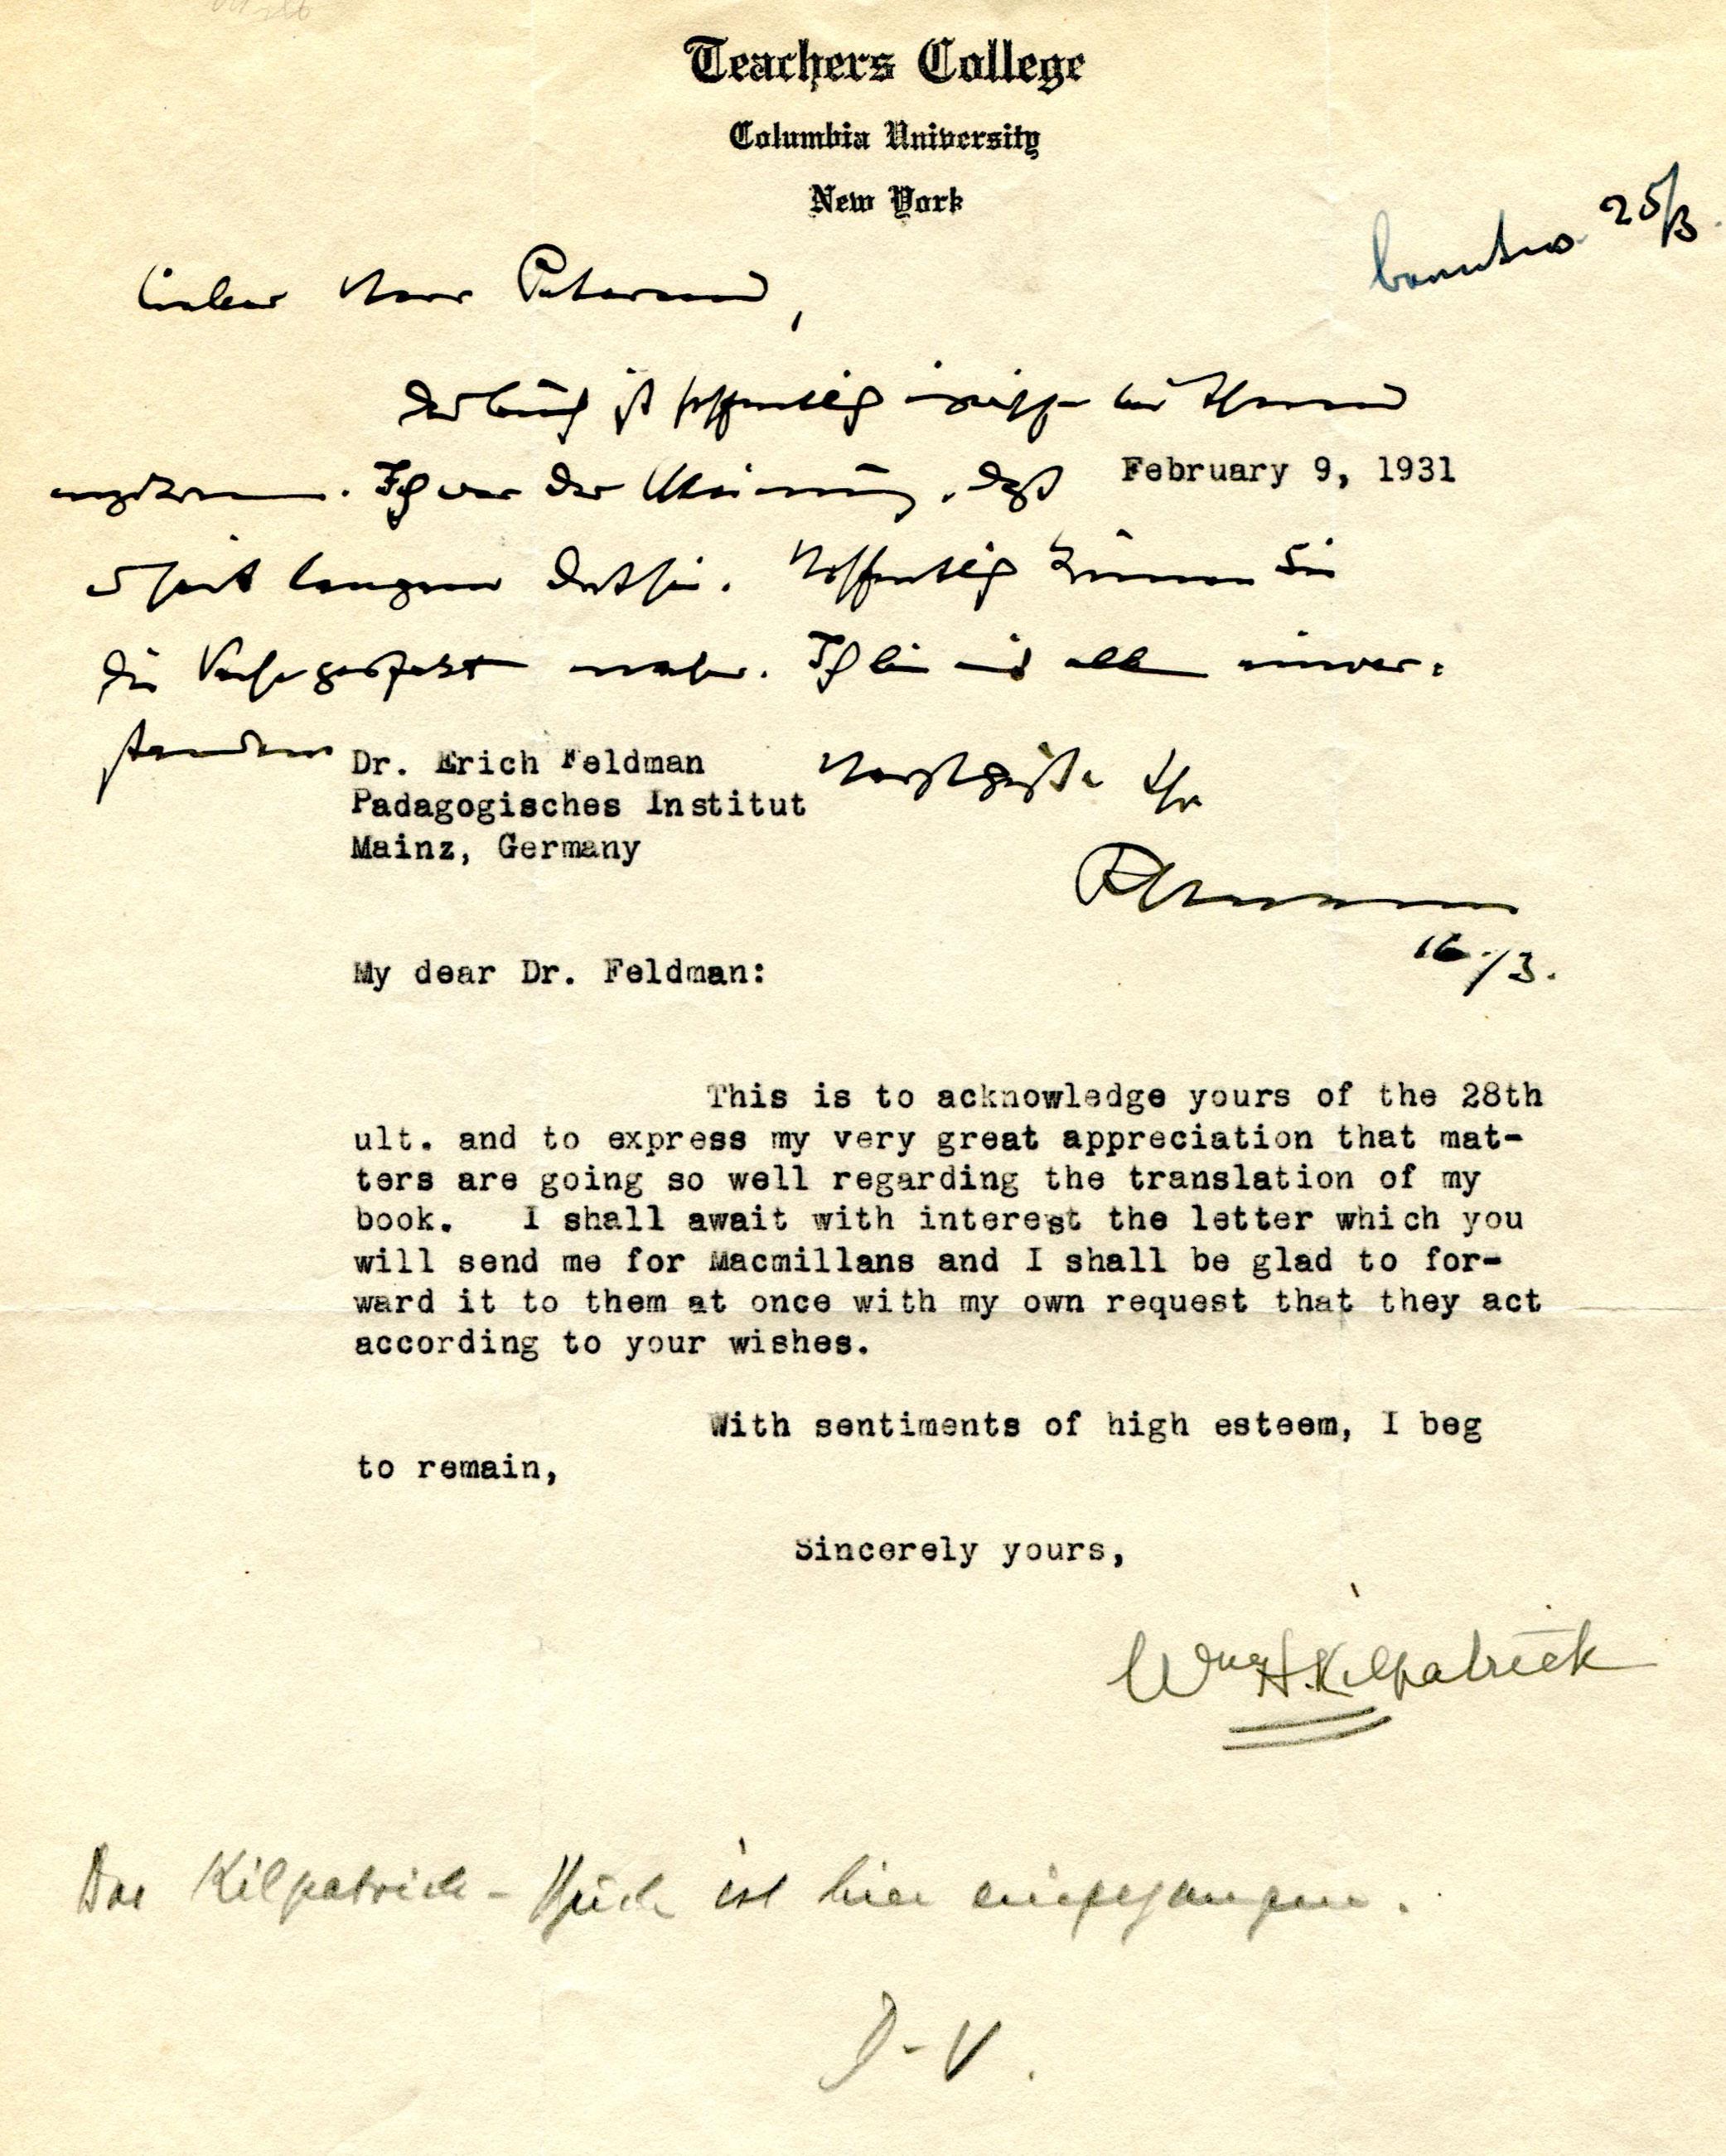 Figure 8: Letter from W.H. Kilpatrick to E. Feldmann, dated 02-09-1931 (Source: PPAV)